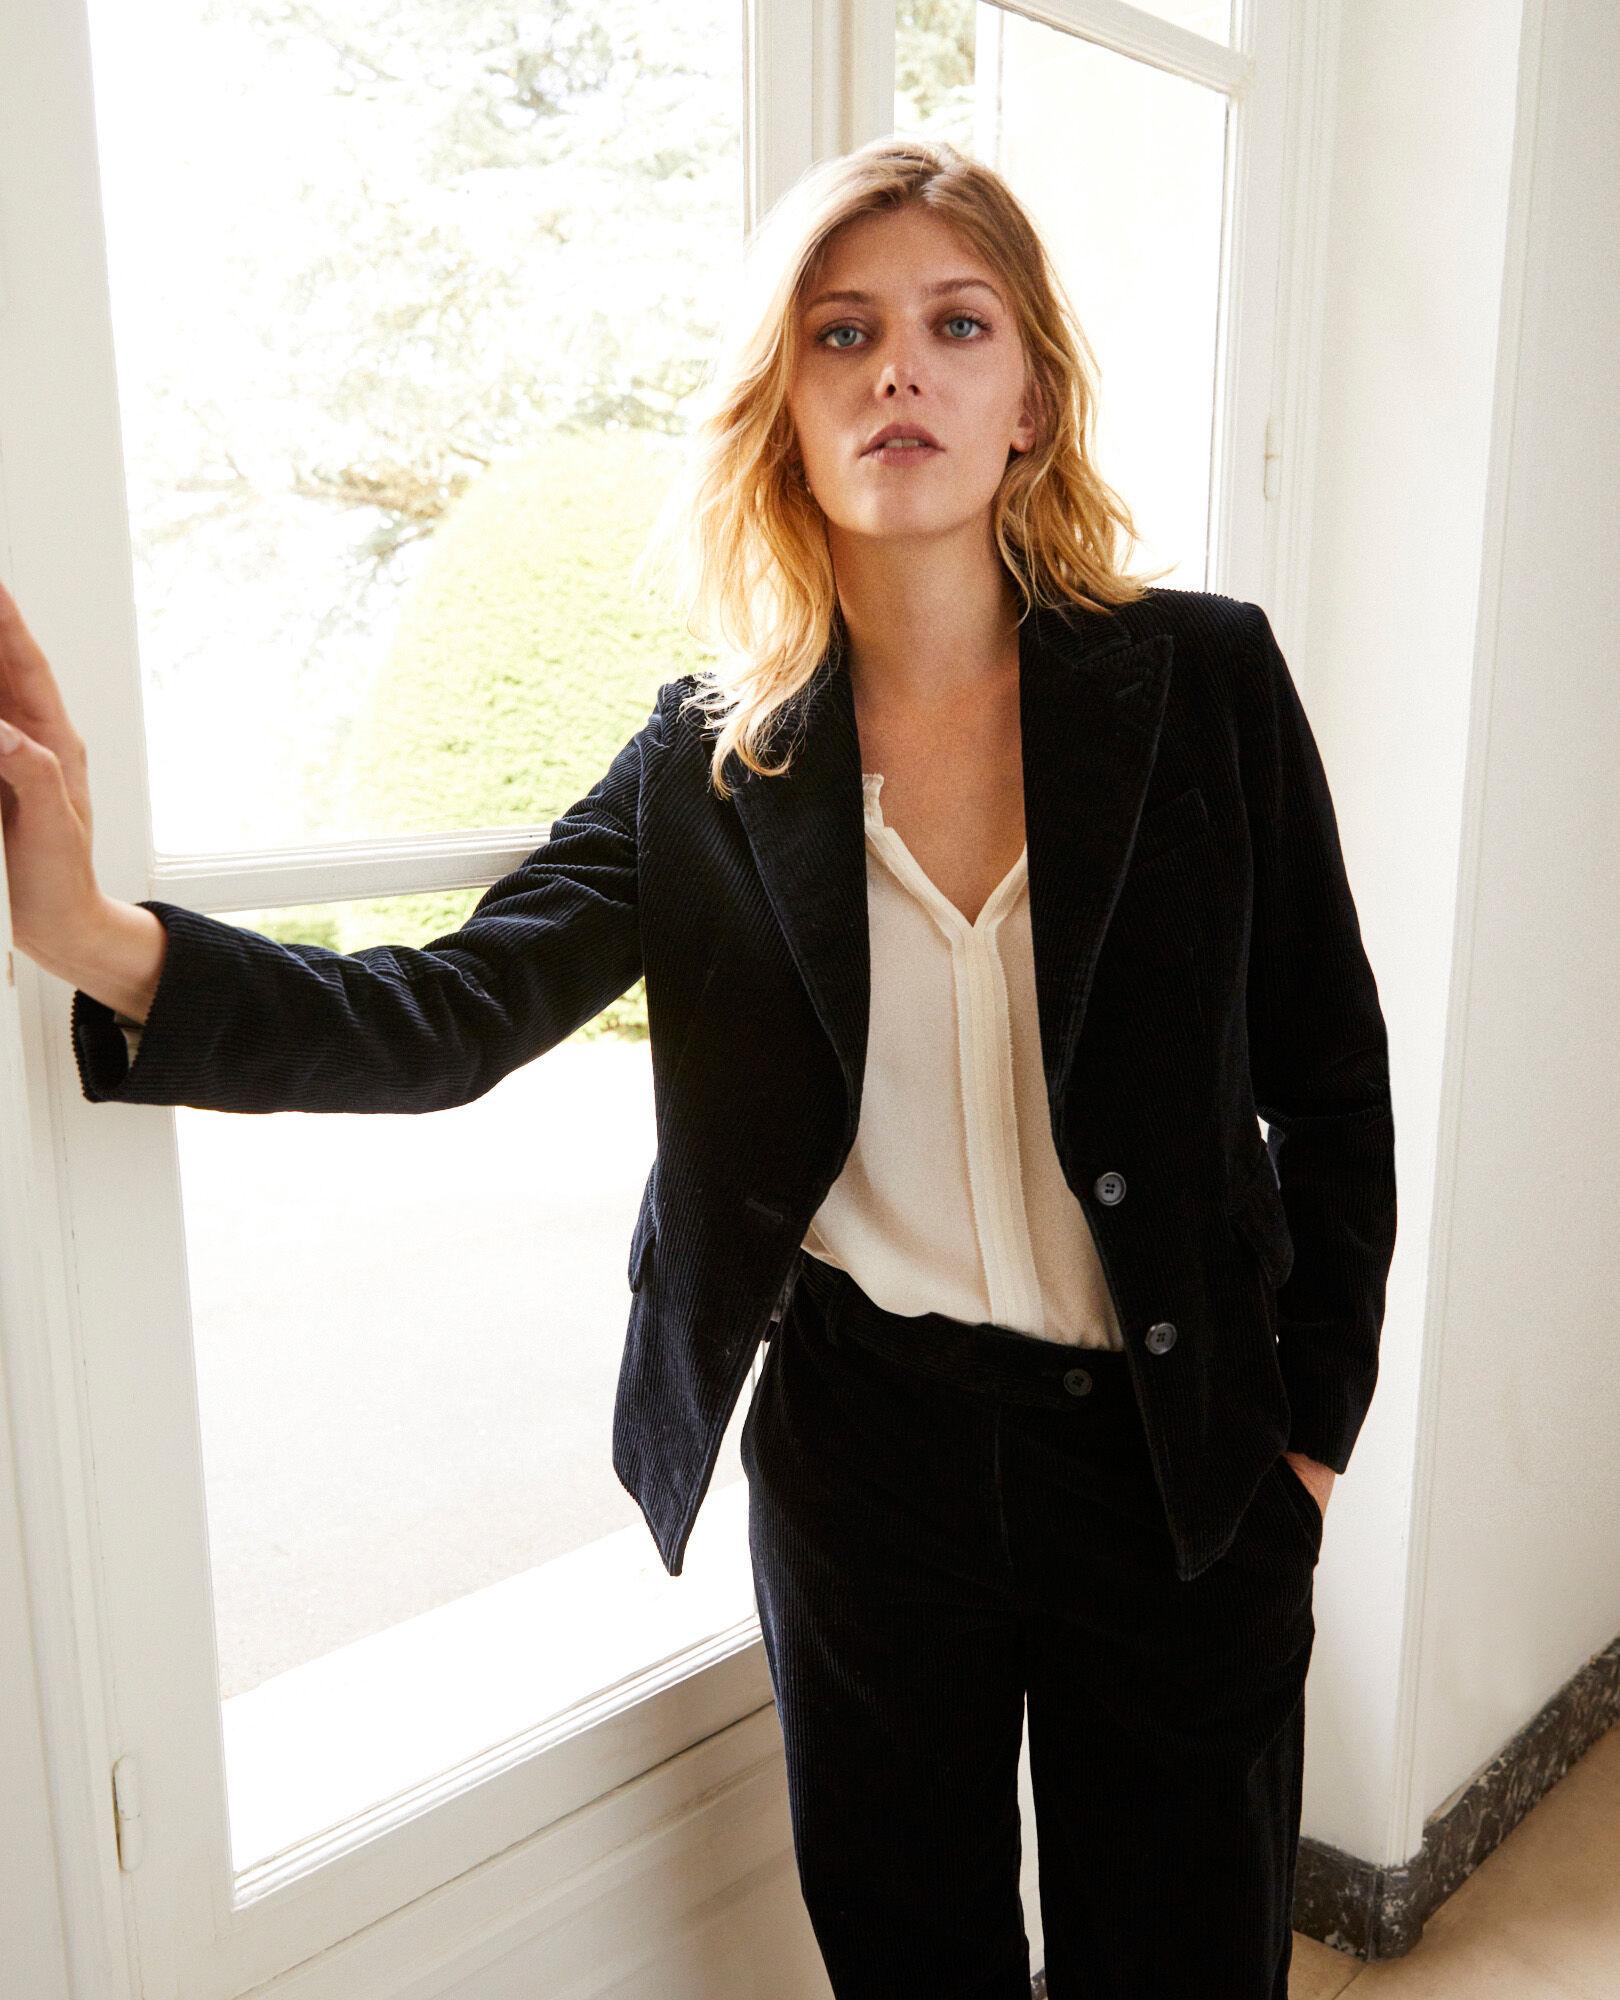 Soldes Manteaux femme Coton Taille 36s Noir de 40% à 70